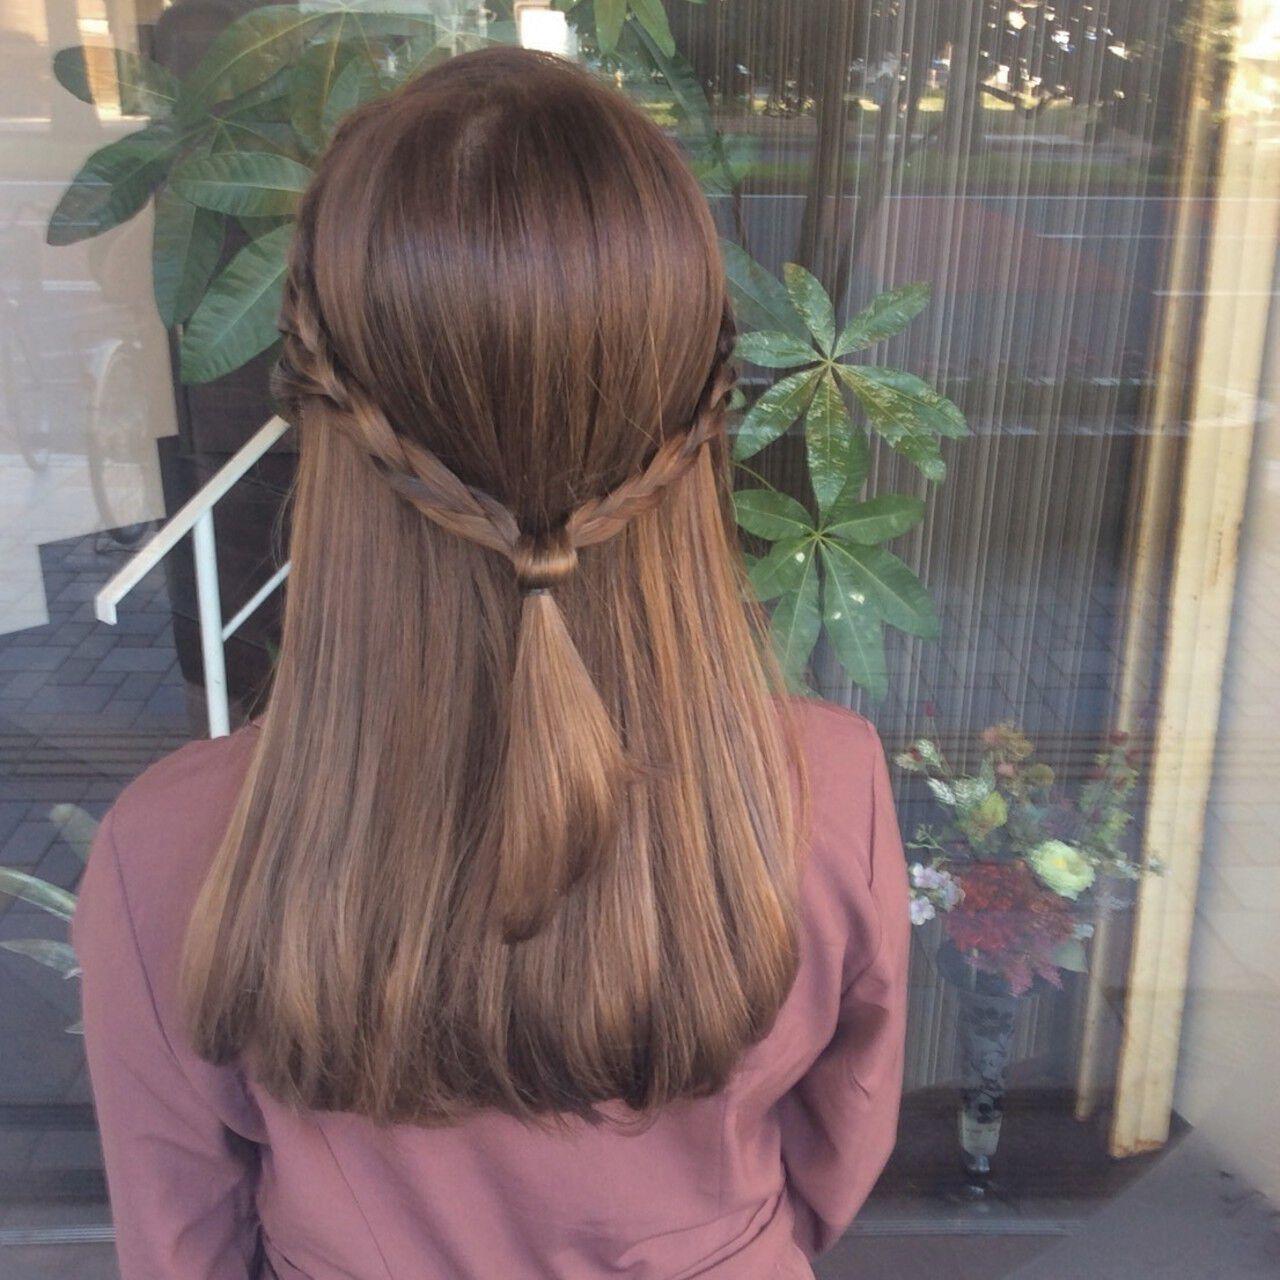 ナチュラル ミディアム ラベンダー ラベンダーカラーヘアスタイルや髪型の写真・画像